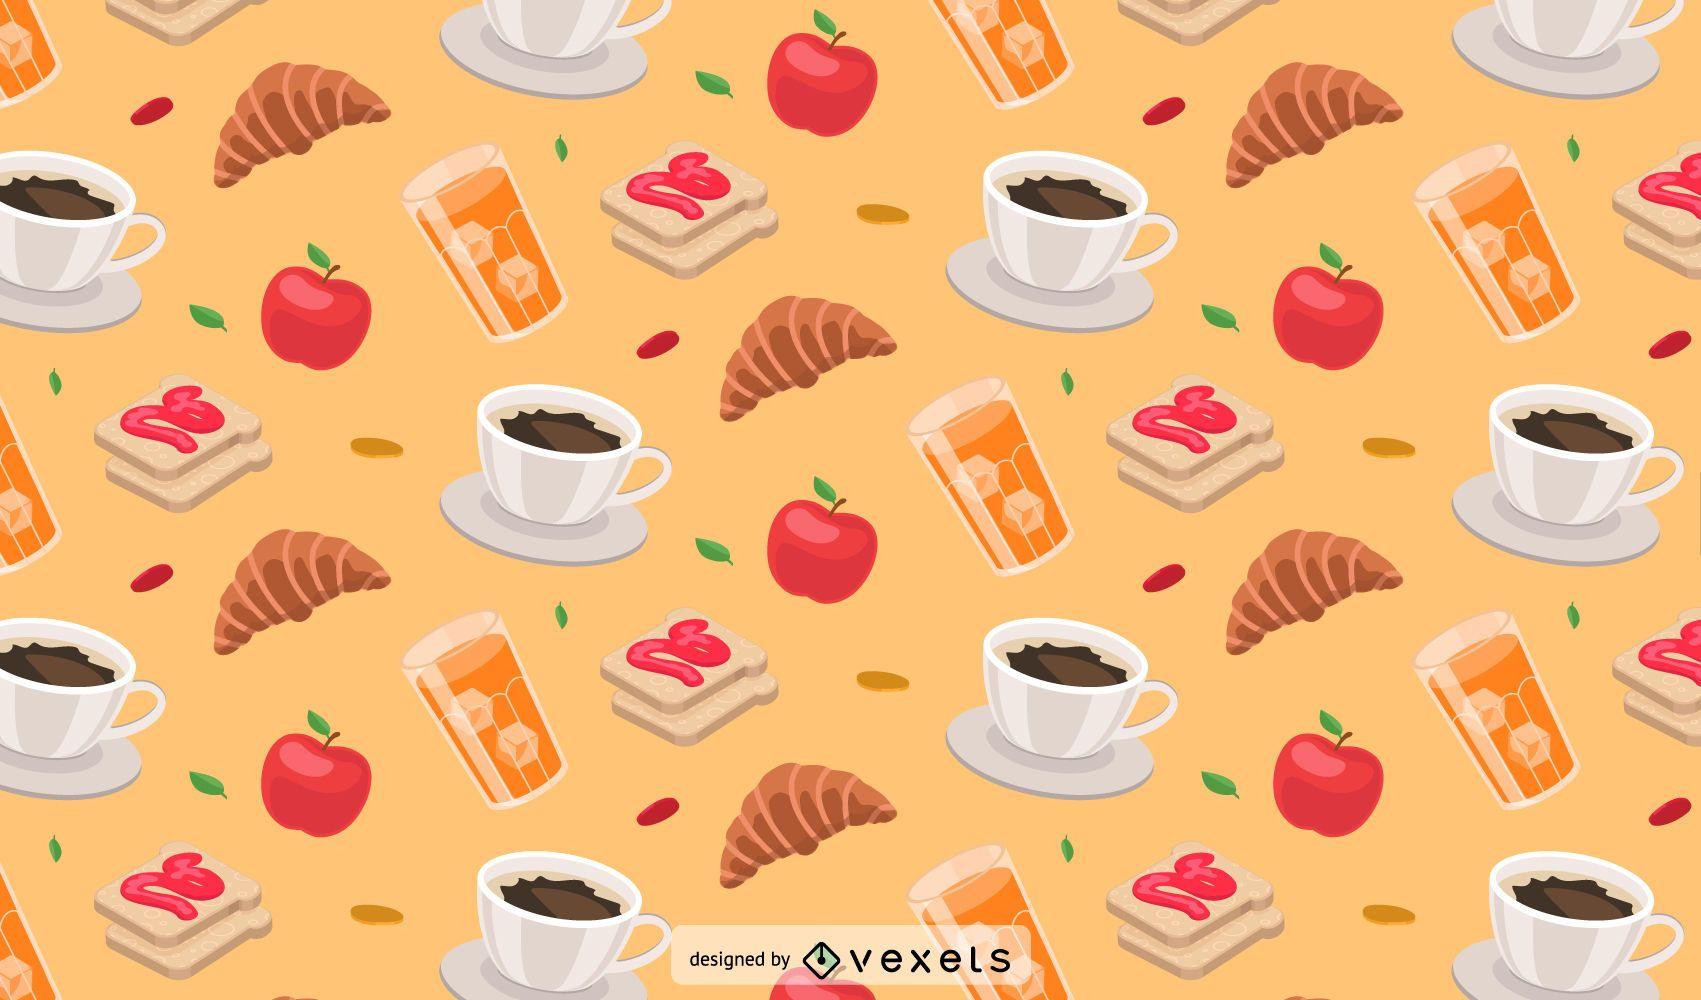 Food Illustration Pattern Design